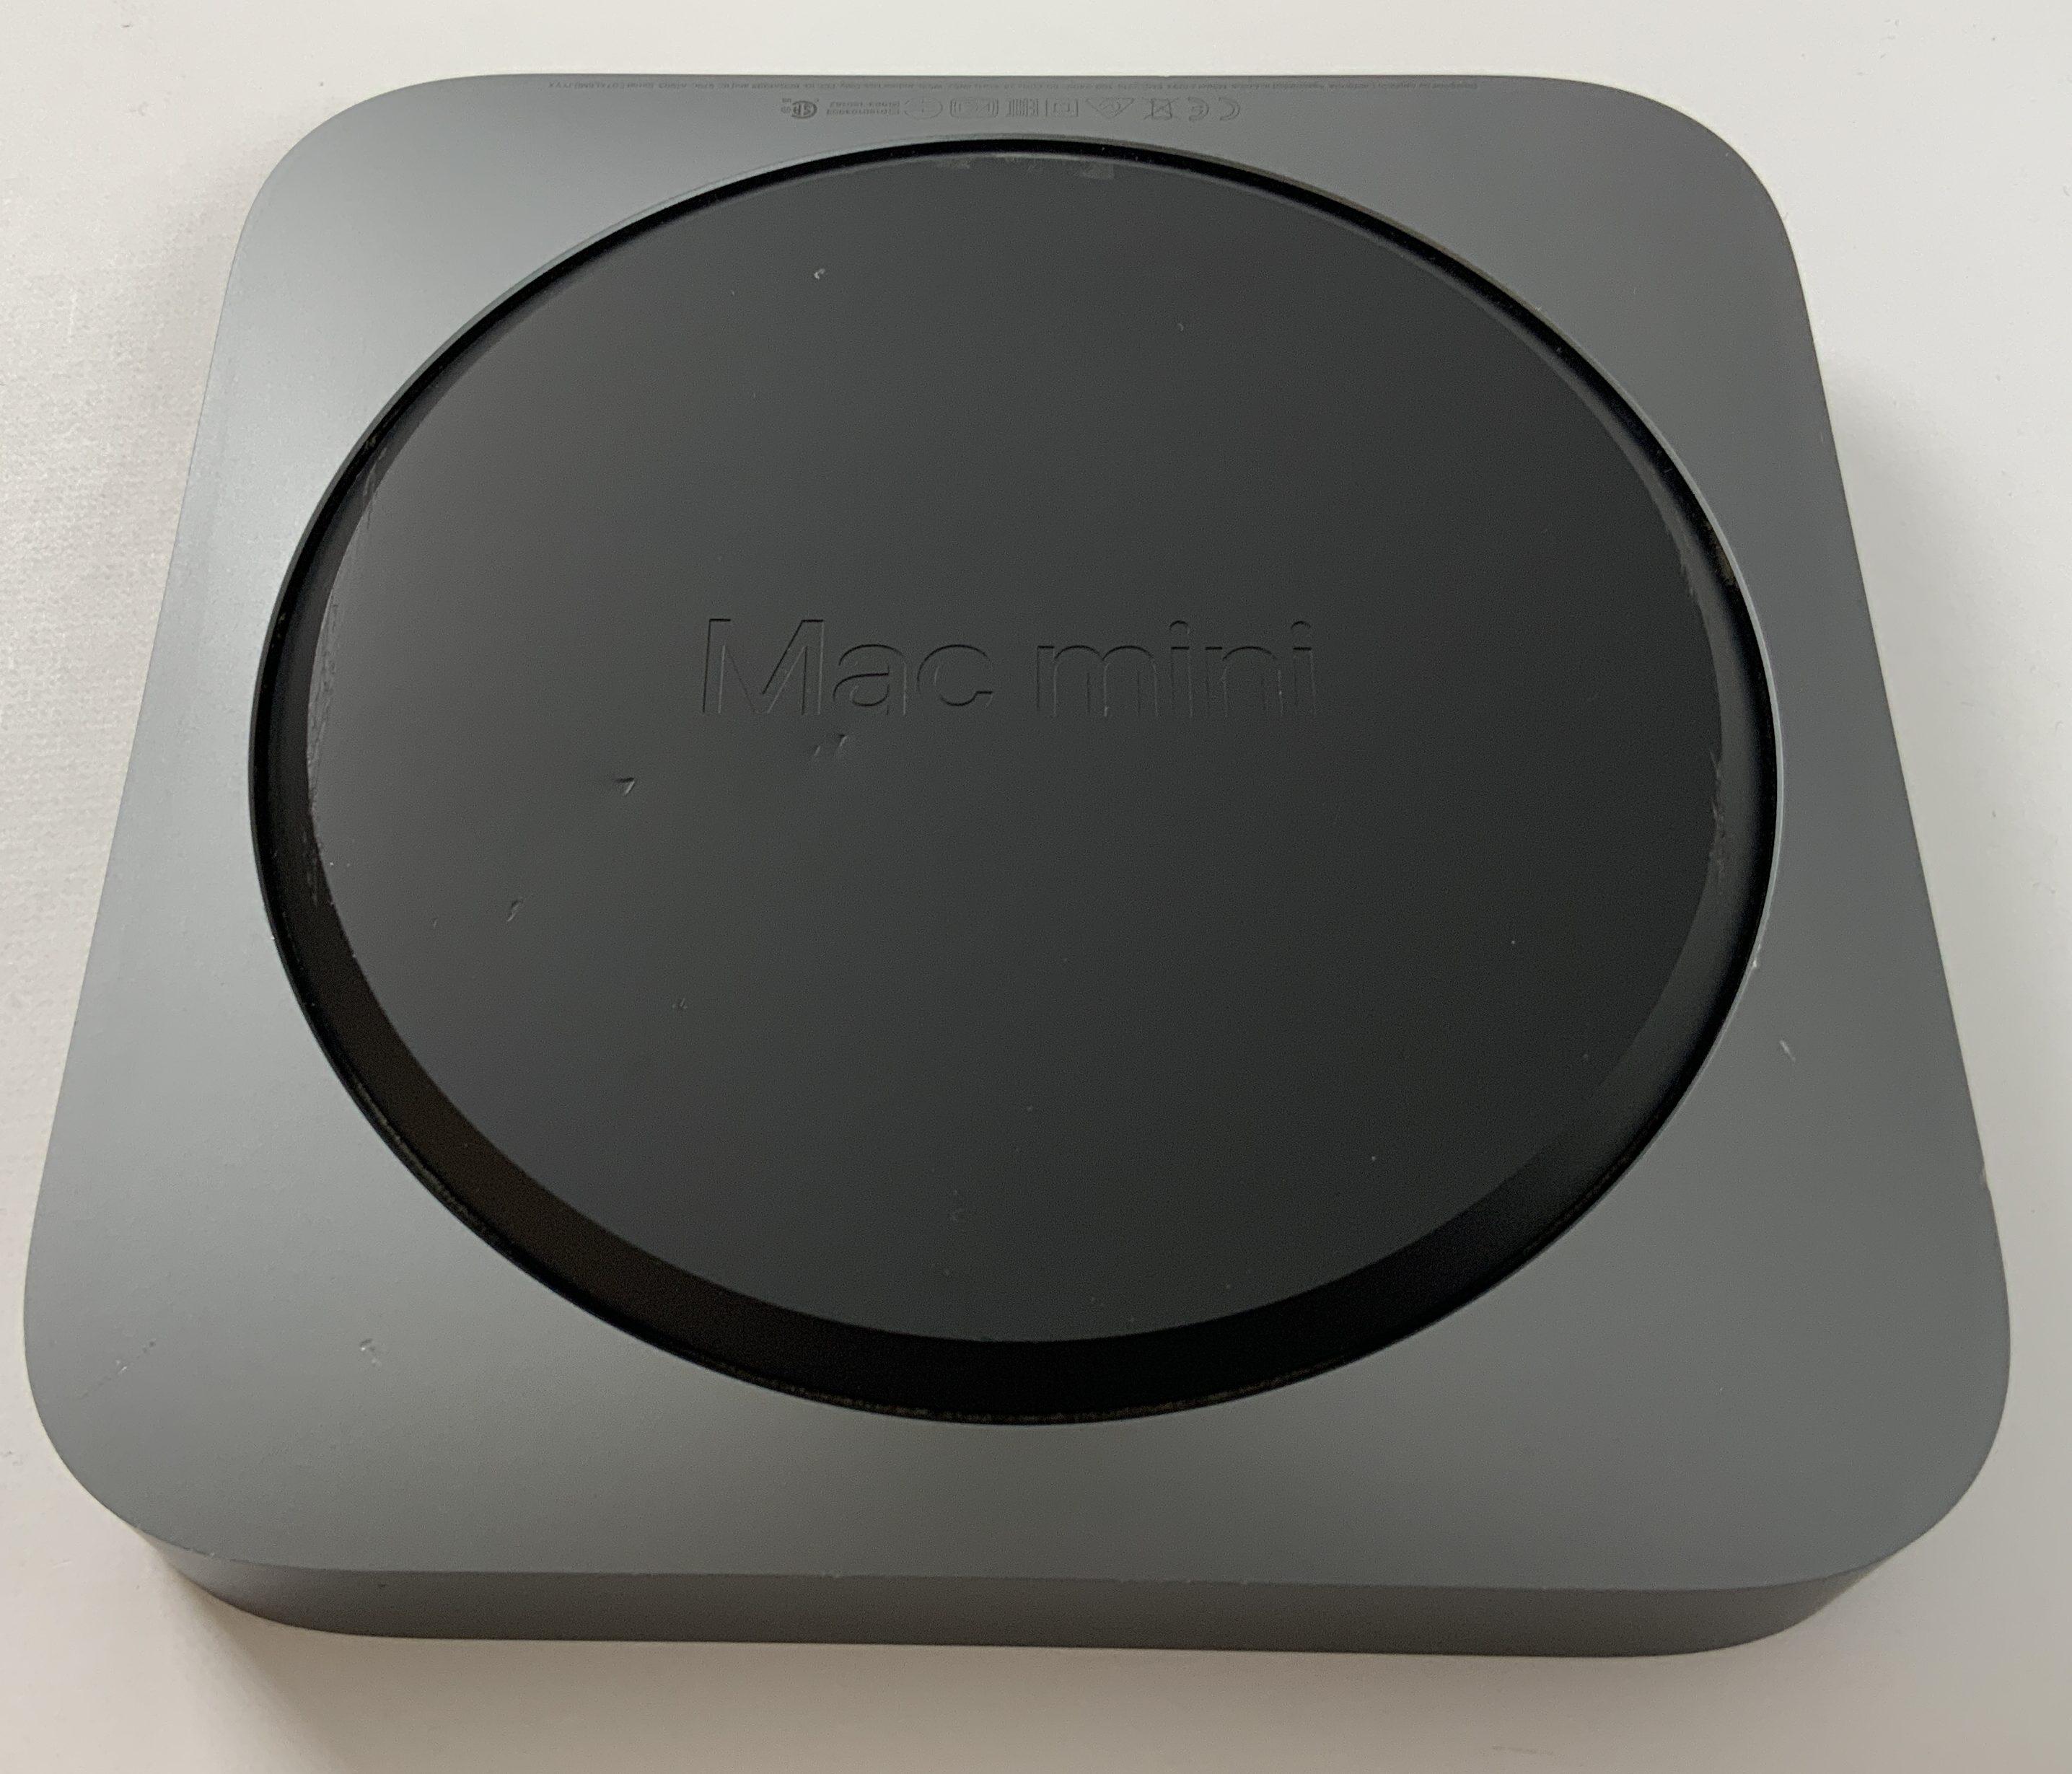 Mac Mini Late 2018 (Intel 6-Core i5 3.0 GHz 32 GB RAM 256 GB SSD), Intel 6-Core i5 3.0 GHz, 32 GB RAM, 256 GB SSD, image 2